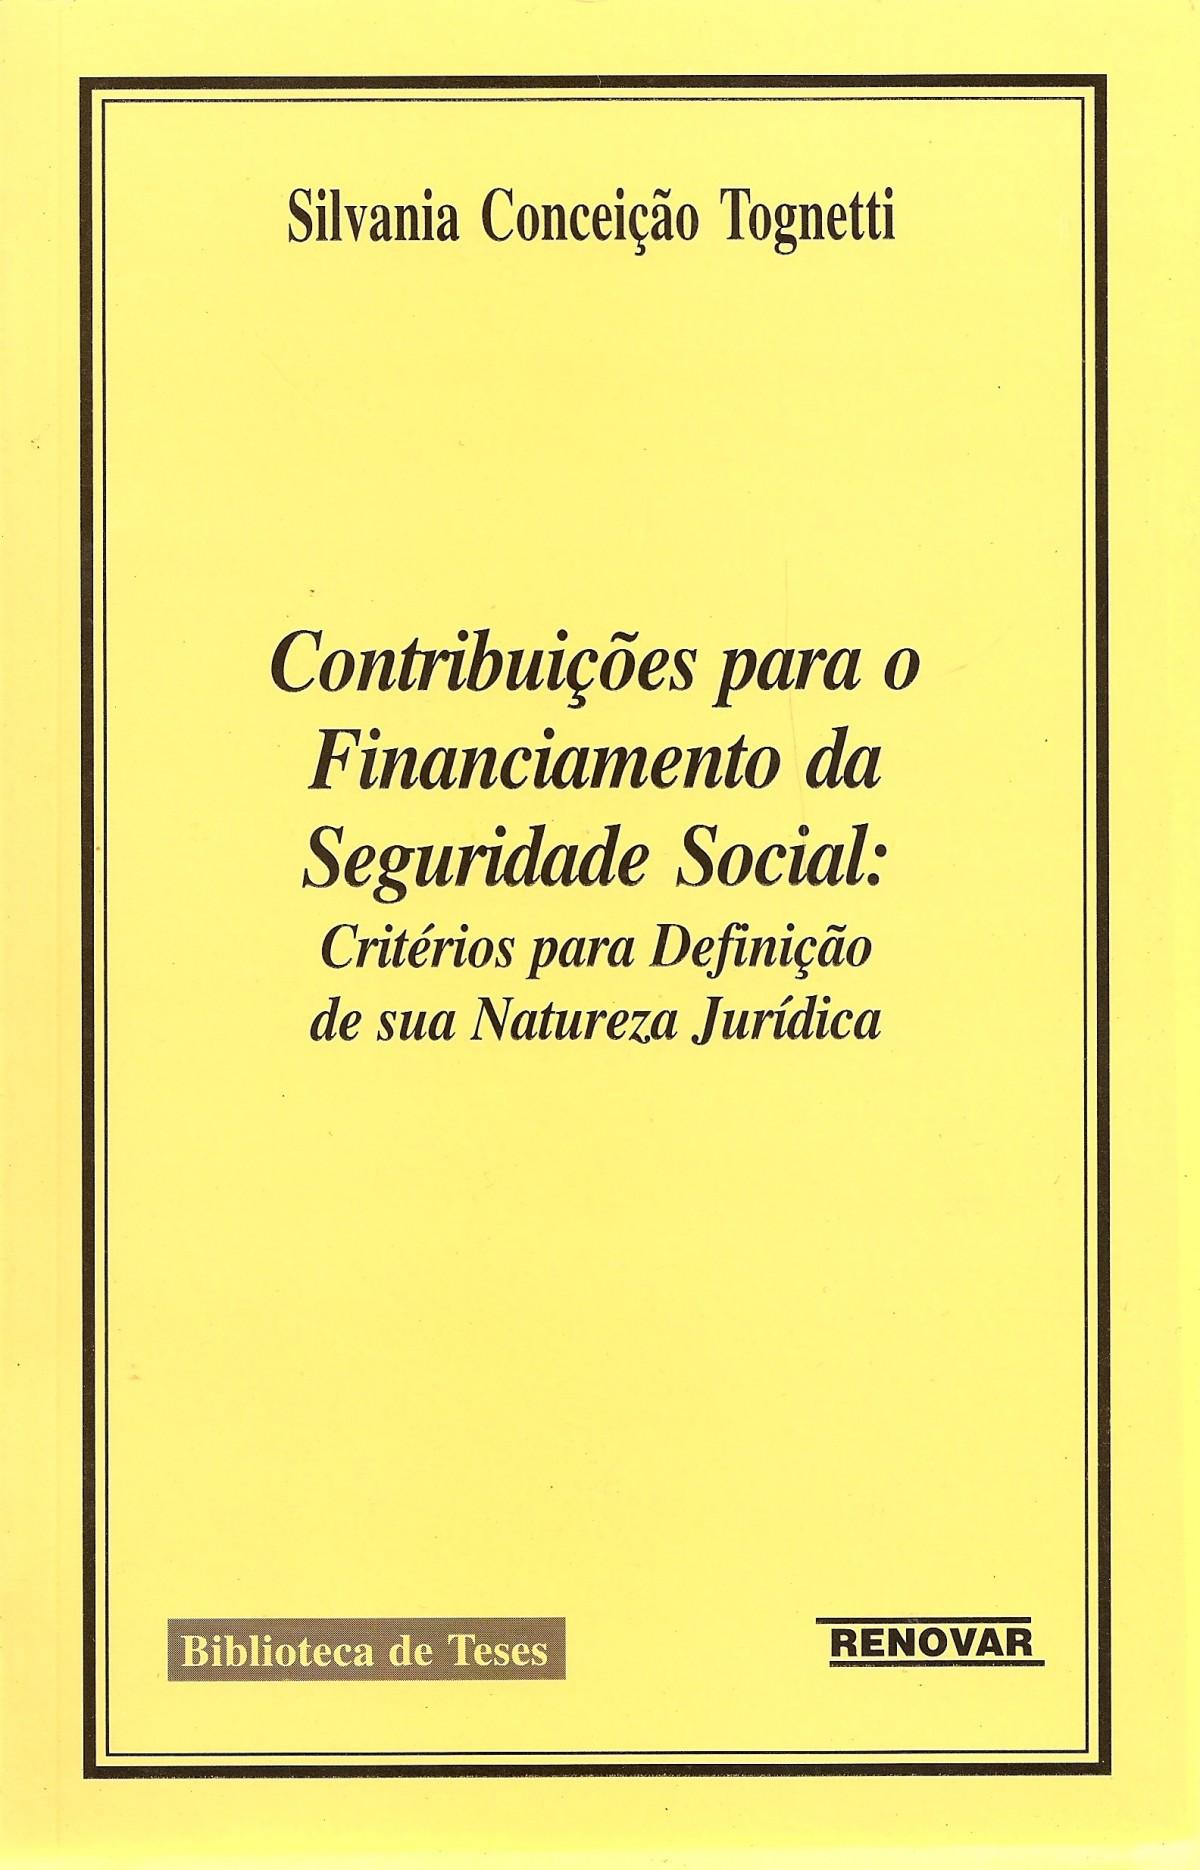 Foto 1 - Contribuições para o Financiamento da Seguridade Social : Critérios para Definição de sua Natureza J